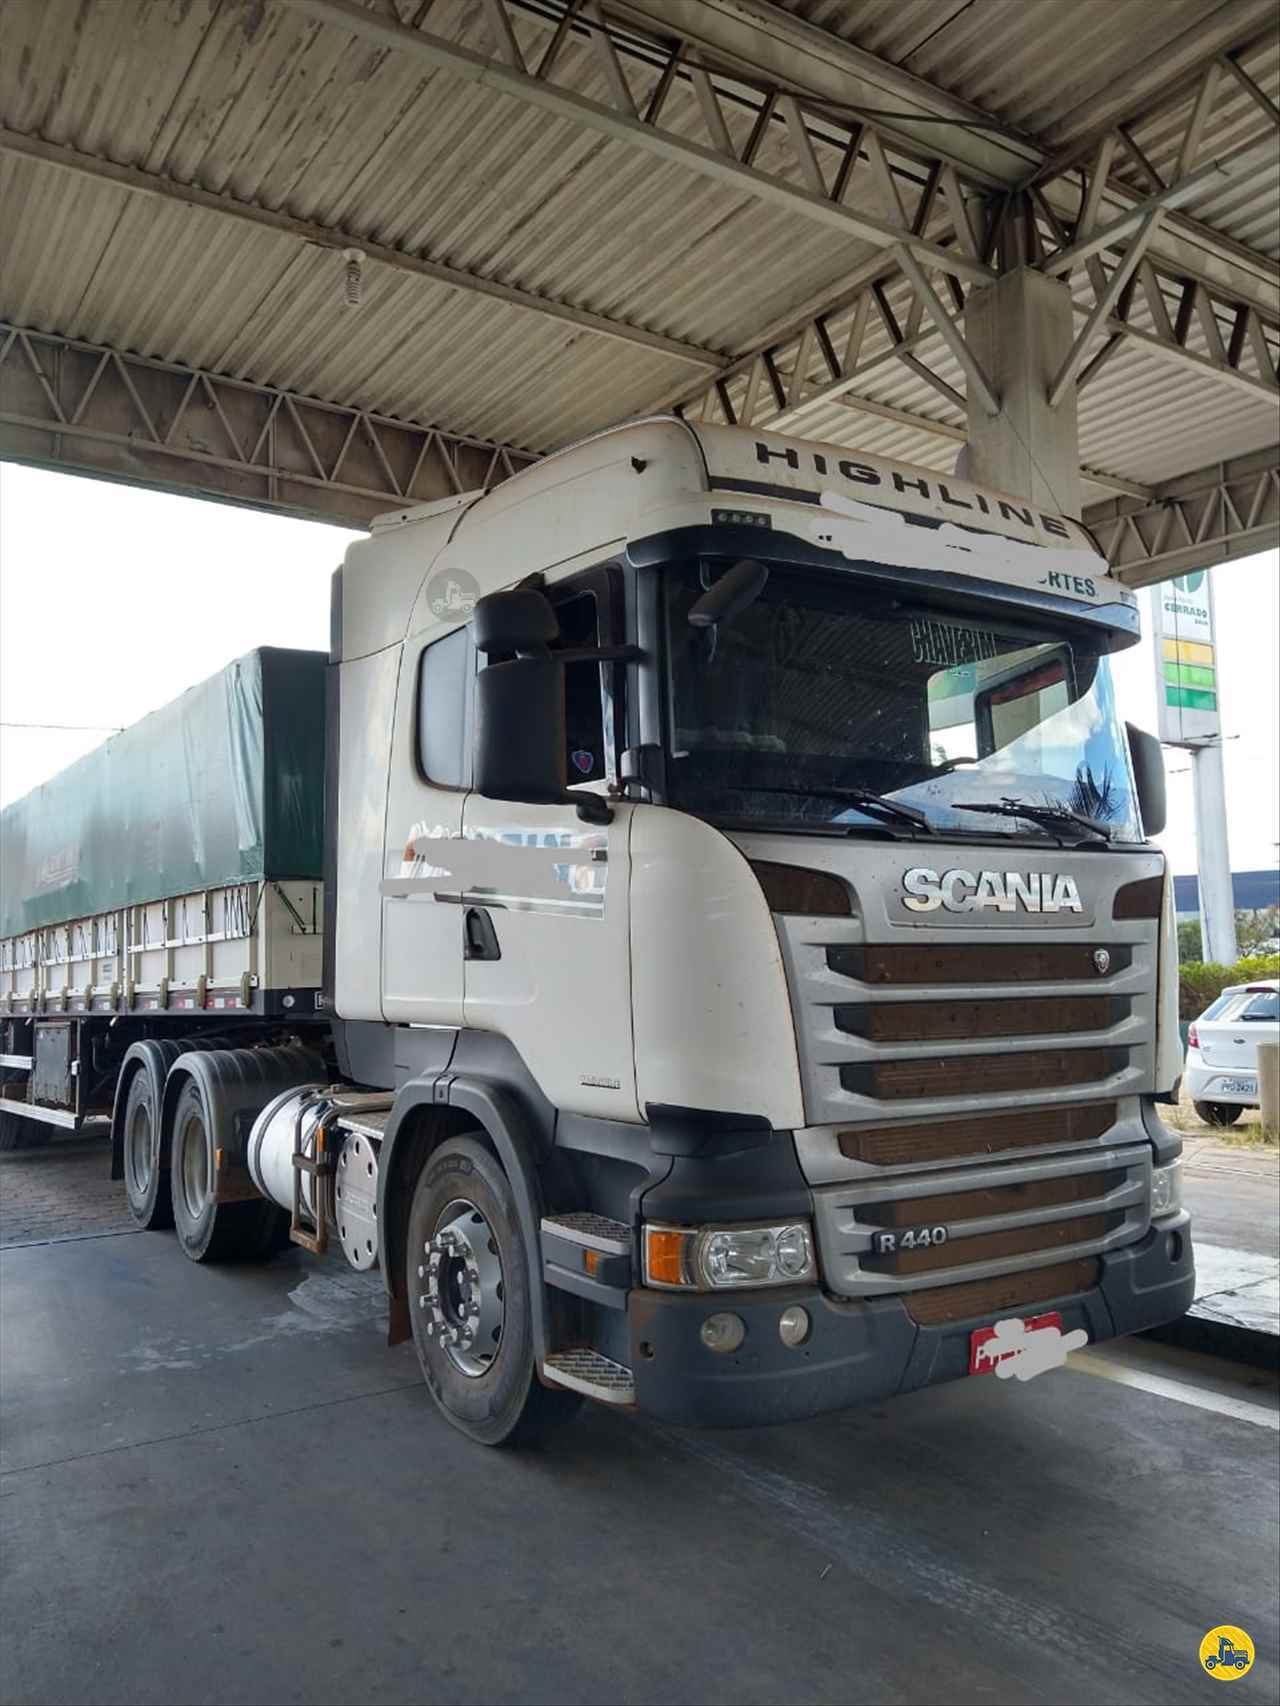 CAMINHAO SCANIA SCANIA 440 Cavalo Mecânico Traçado 6x4 Diogo Caminhões ANAPOLIS GOIAS GO